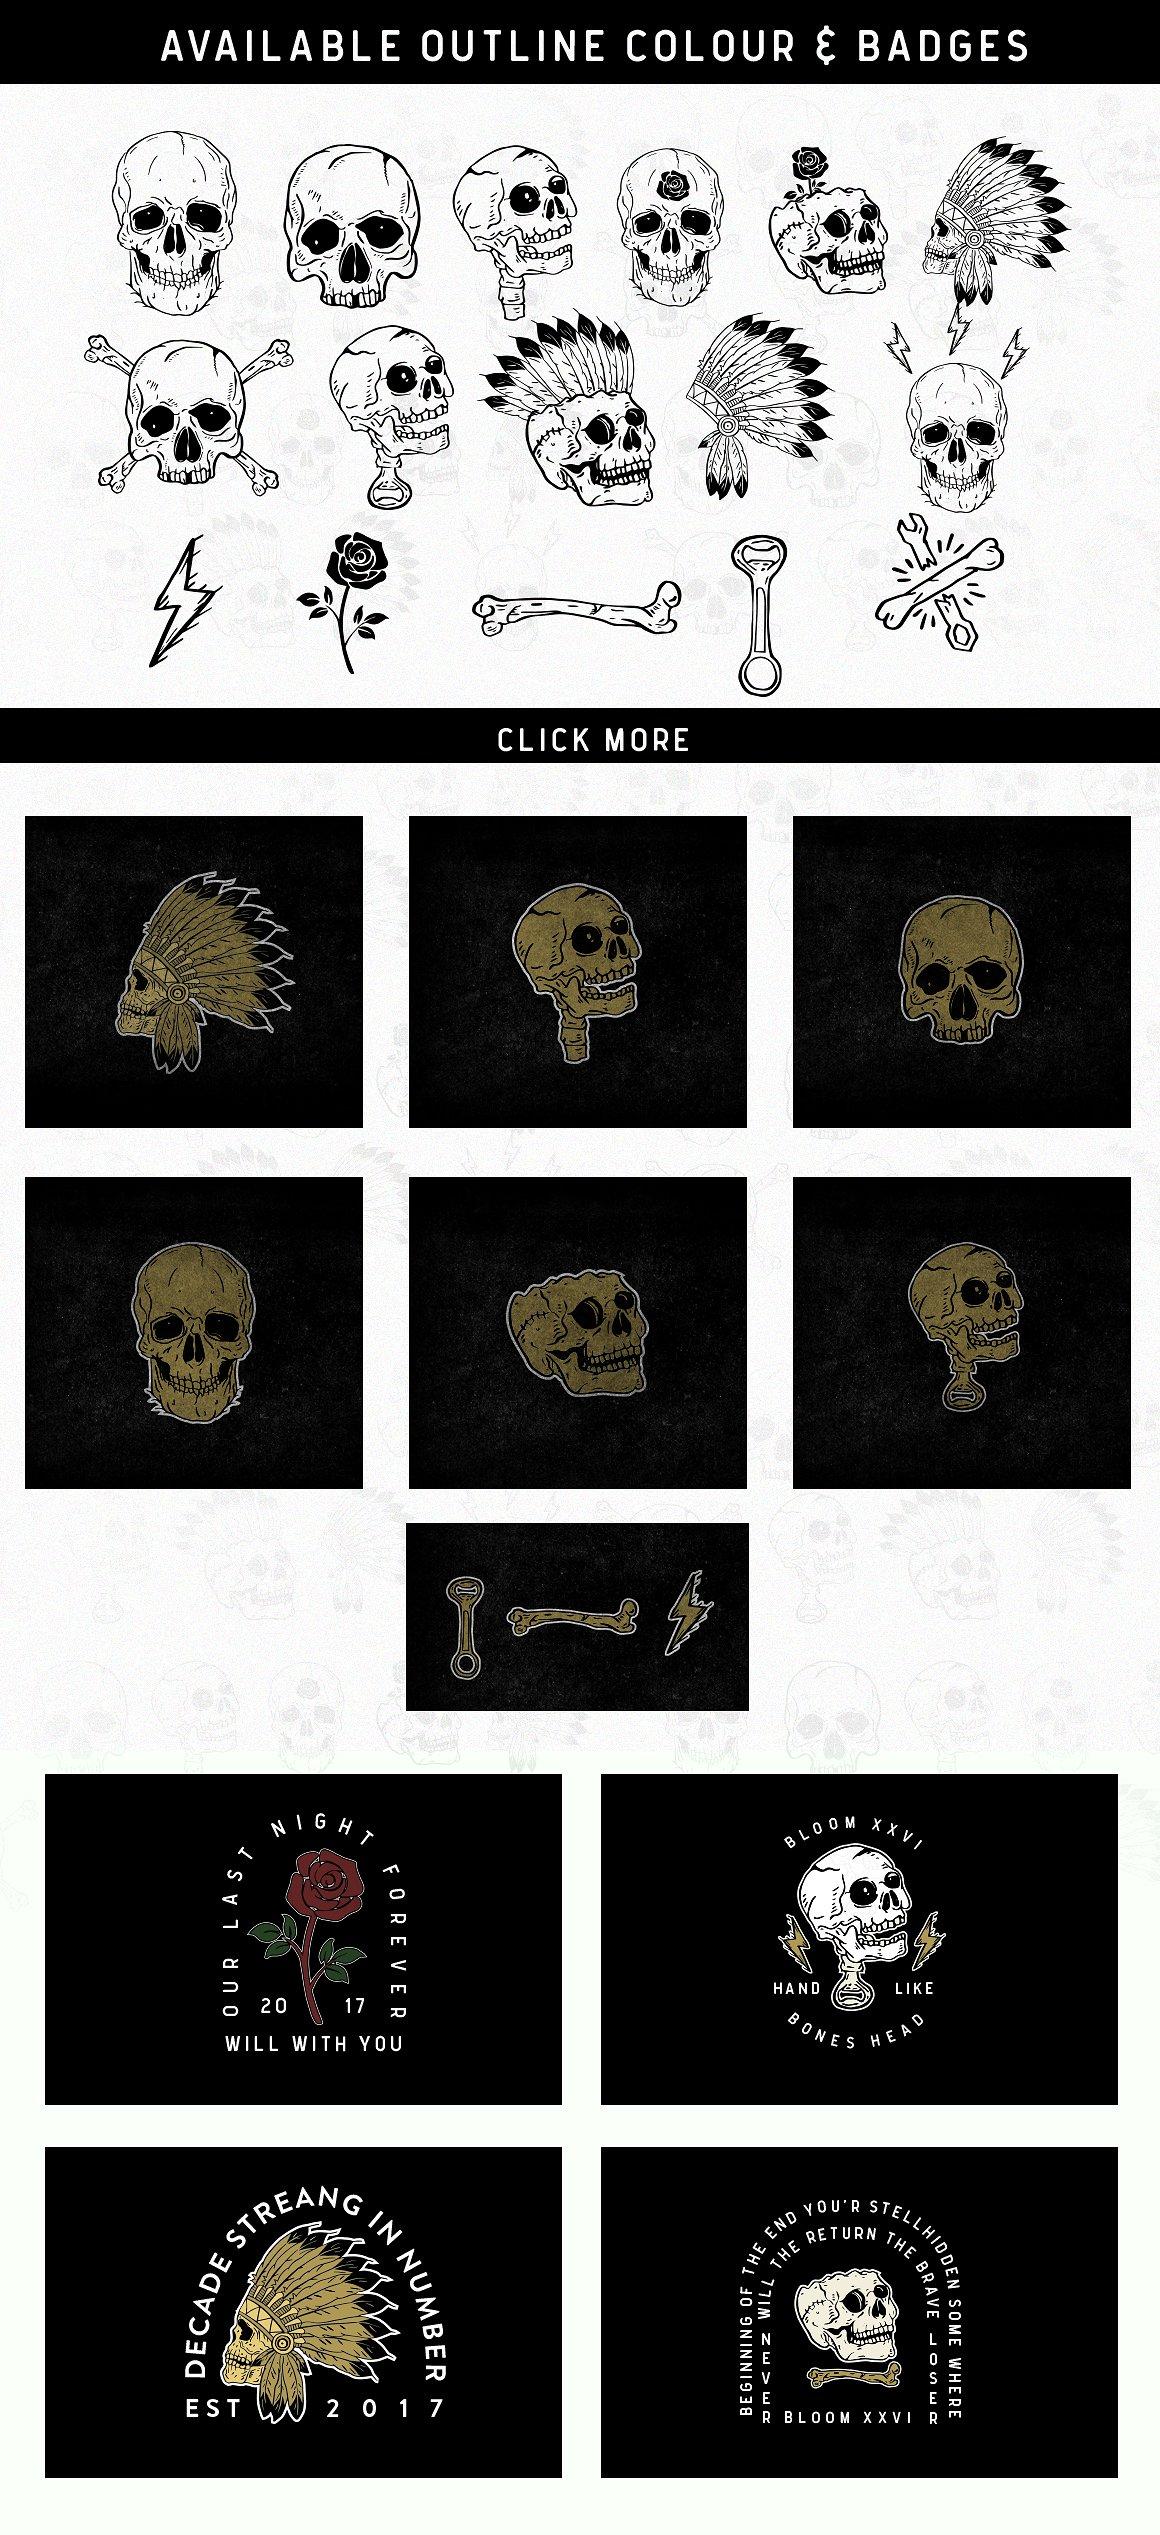 Nuvanticia Typeface + free bonus 43 Vector Skull example image 9